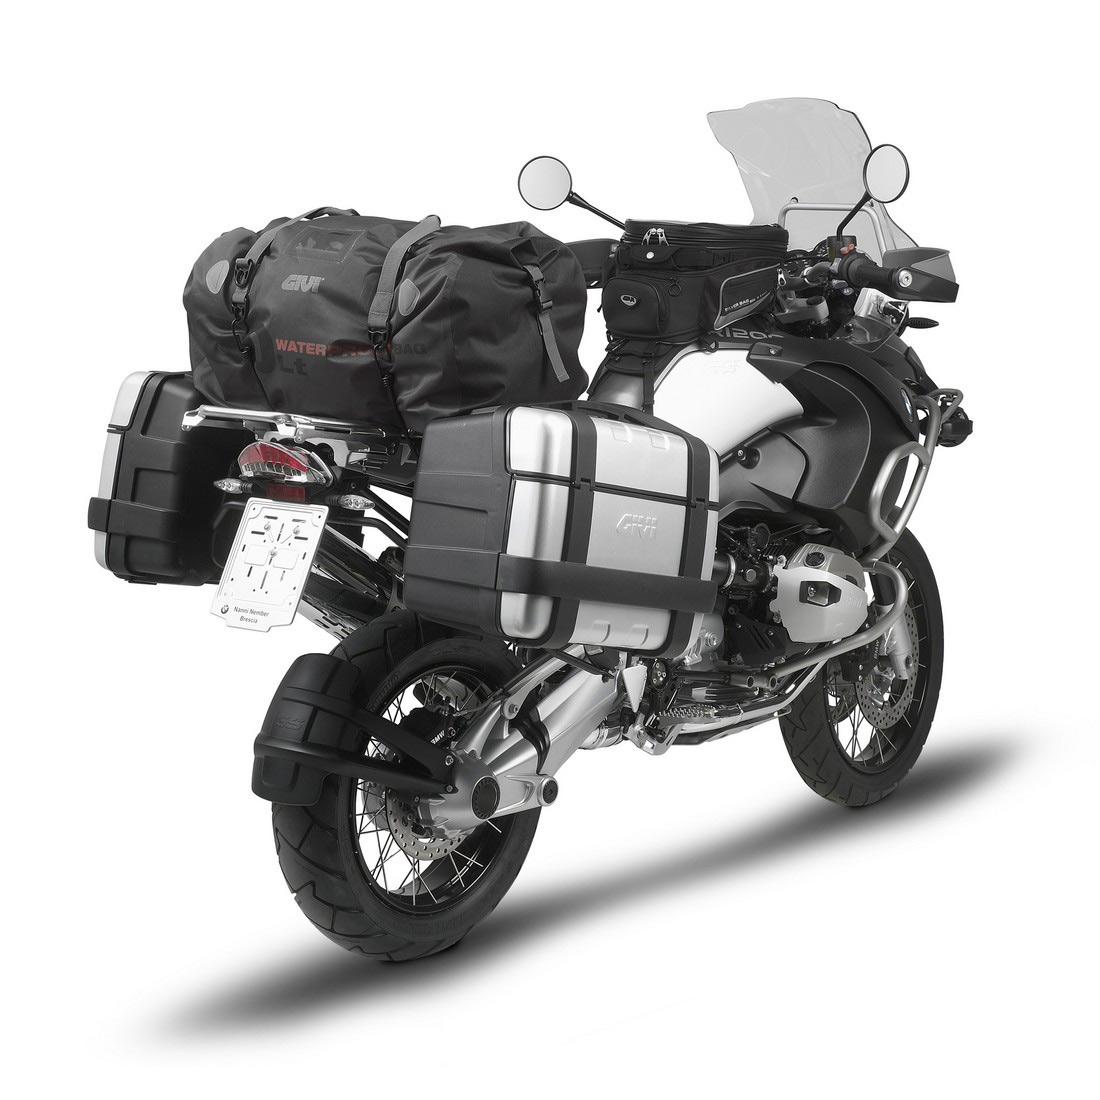 sac etanche 40l givi japauto accessoires equipement pilote pour moto et scooter. Black Bedroom Furniture Sets. Home Design Ideas